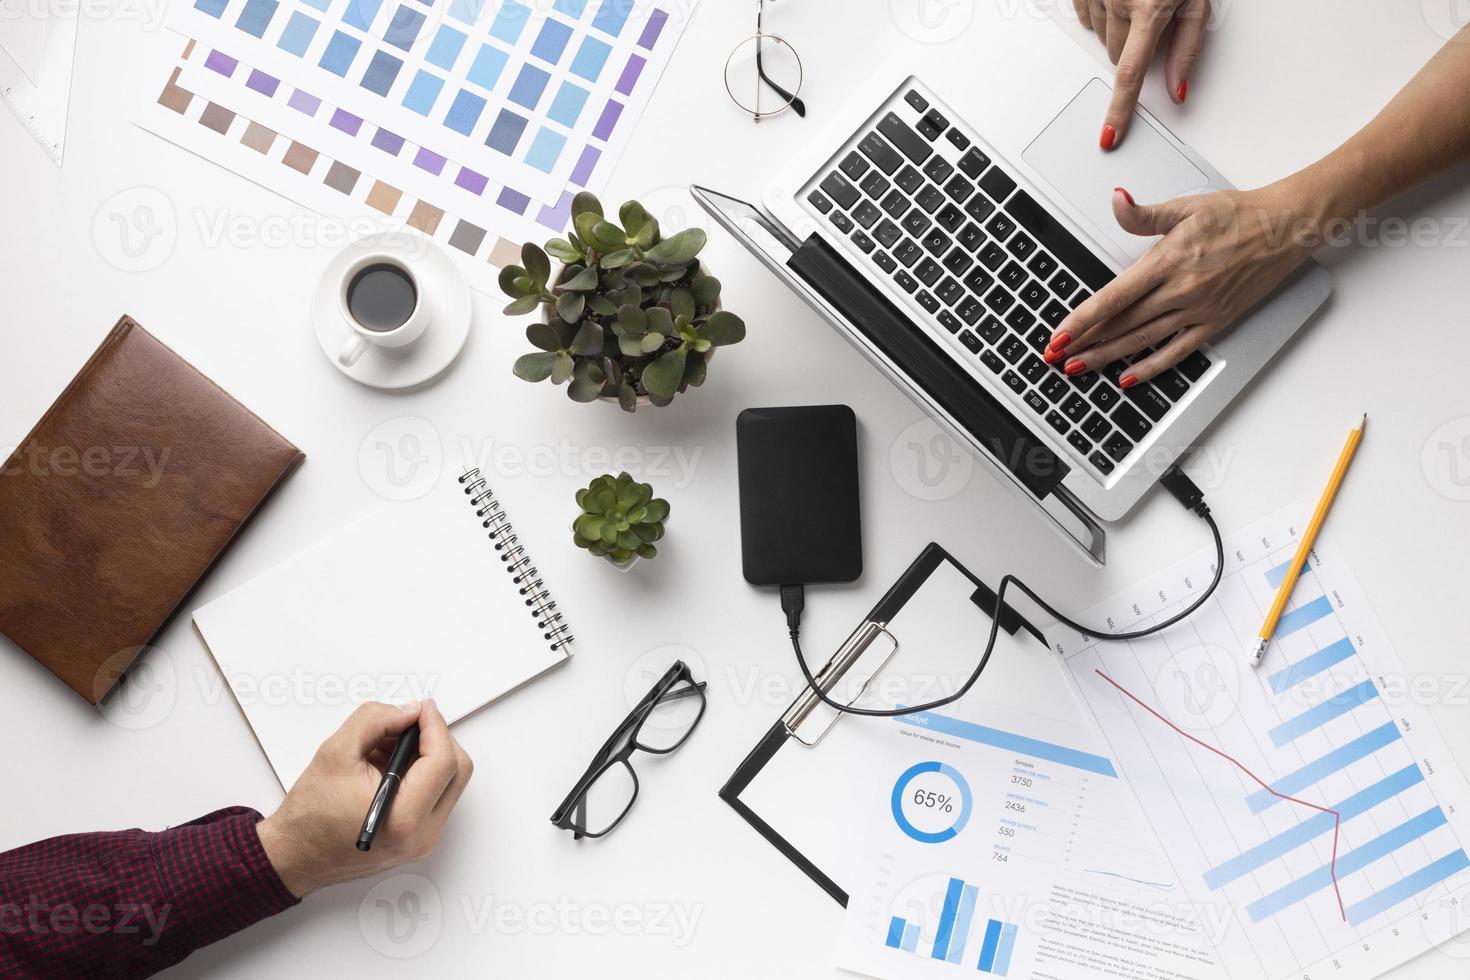 arranjo de elementos de escritório em fundo branco plano lay foto